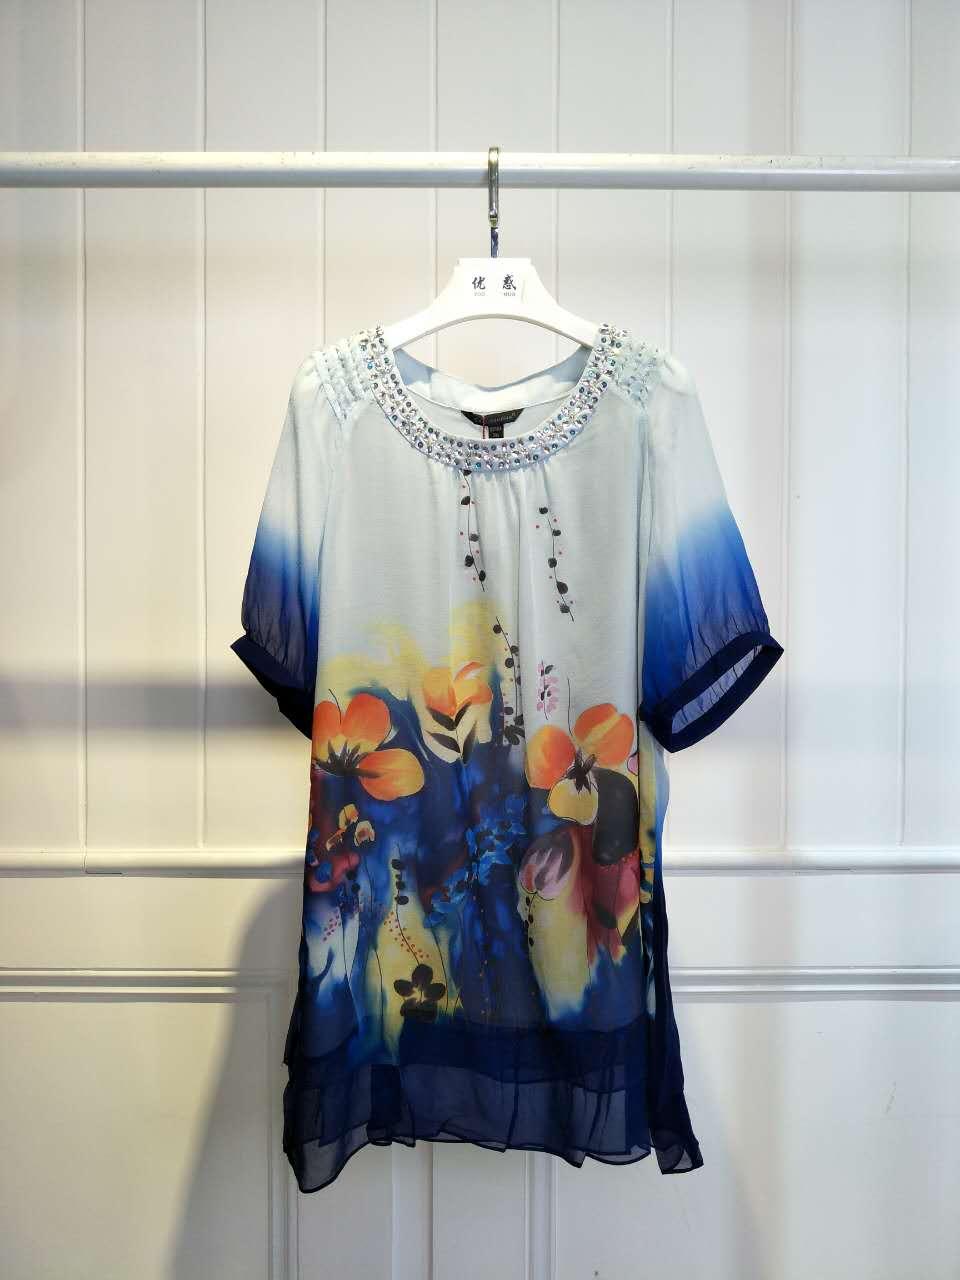 世纪蓝天夏装连衣裙 品牌折扣三标齐全女装库存